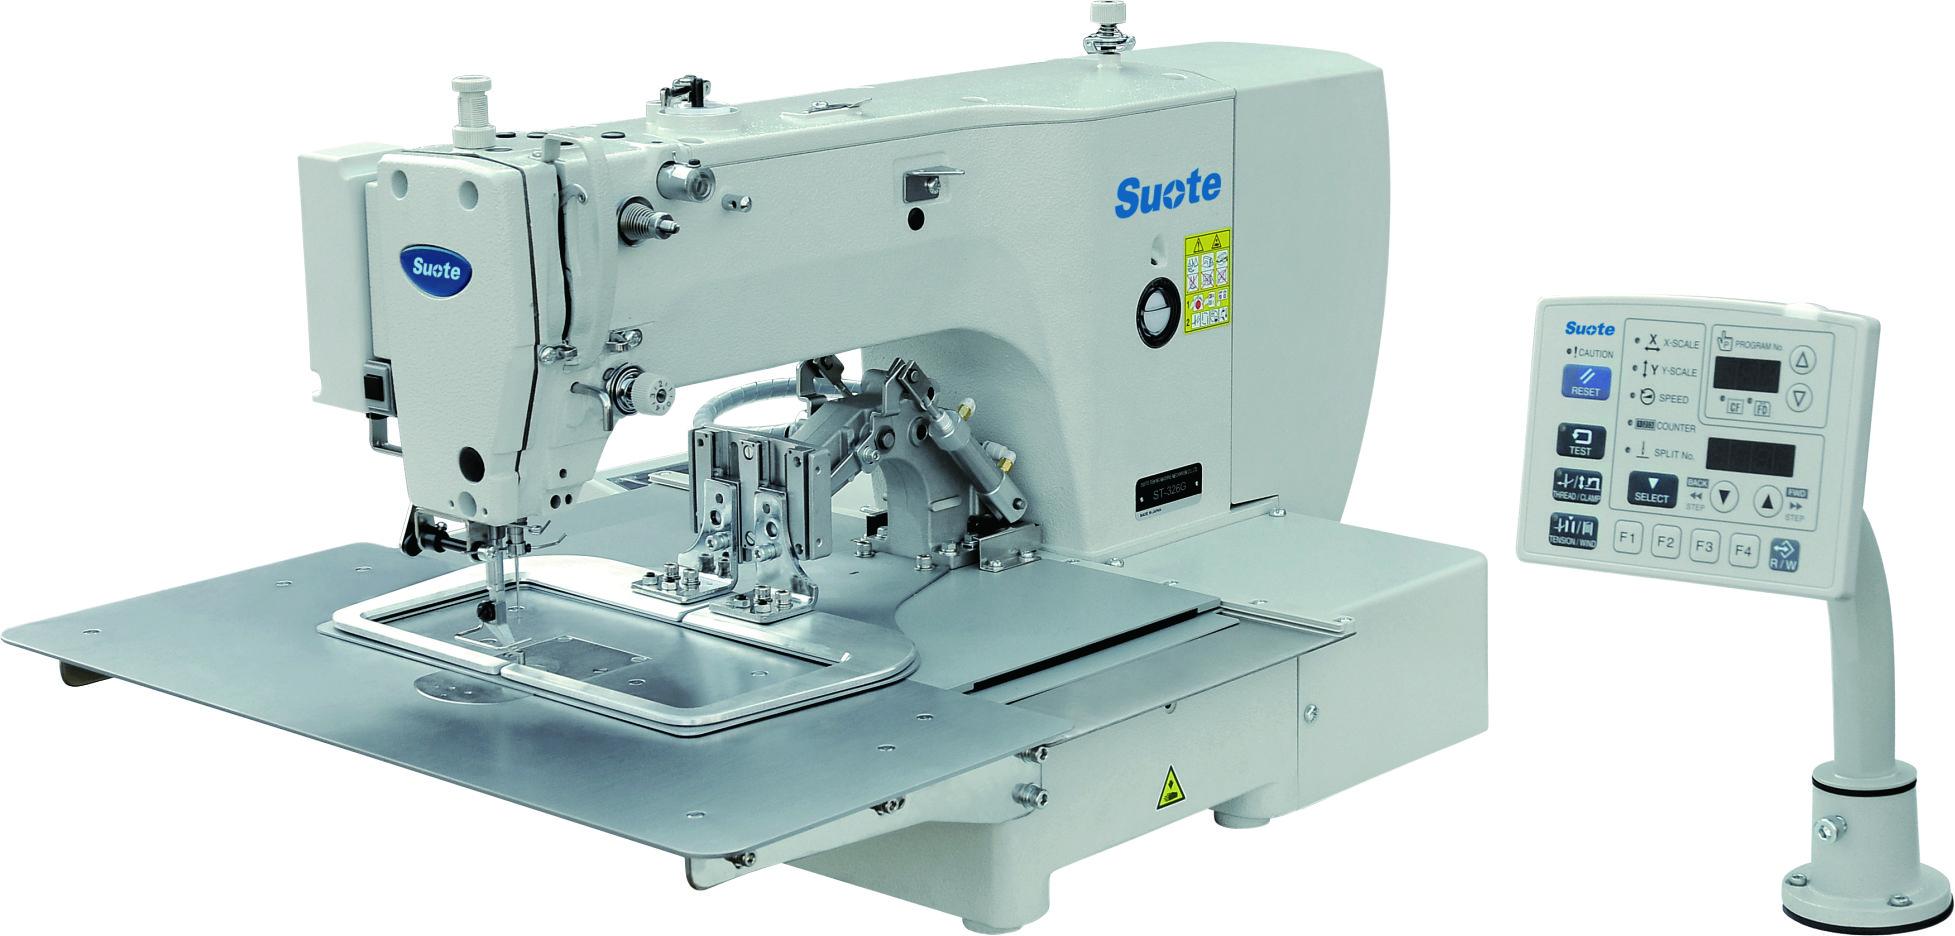 Come scegliere una macchina da cucire industriale